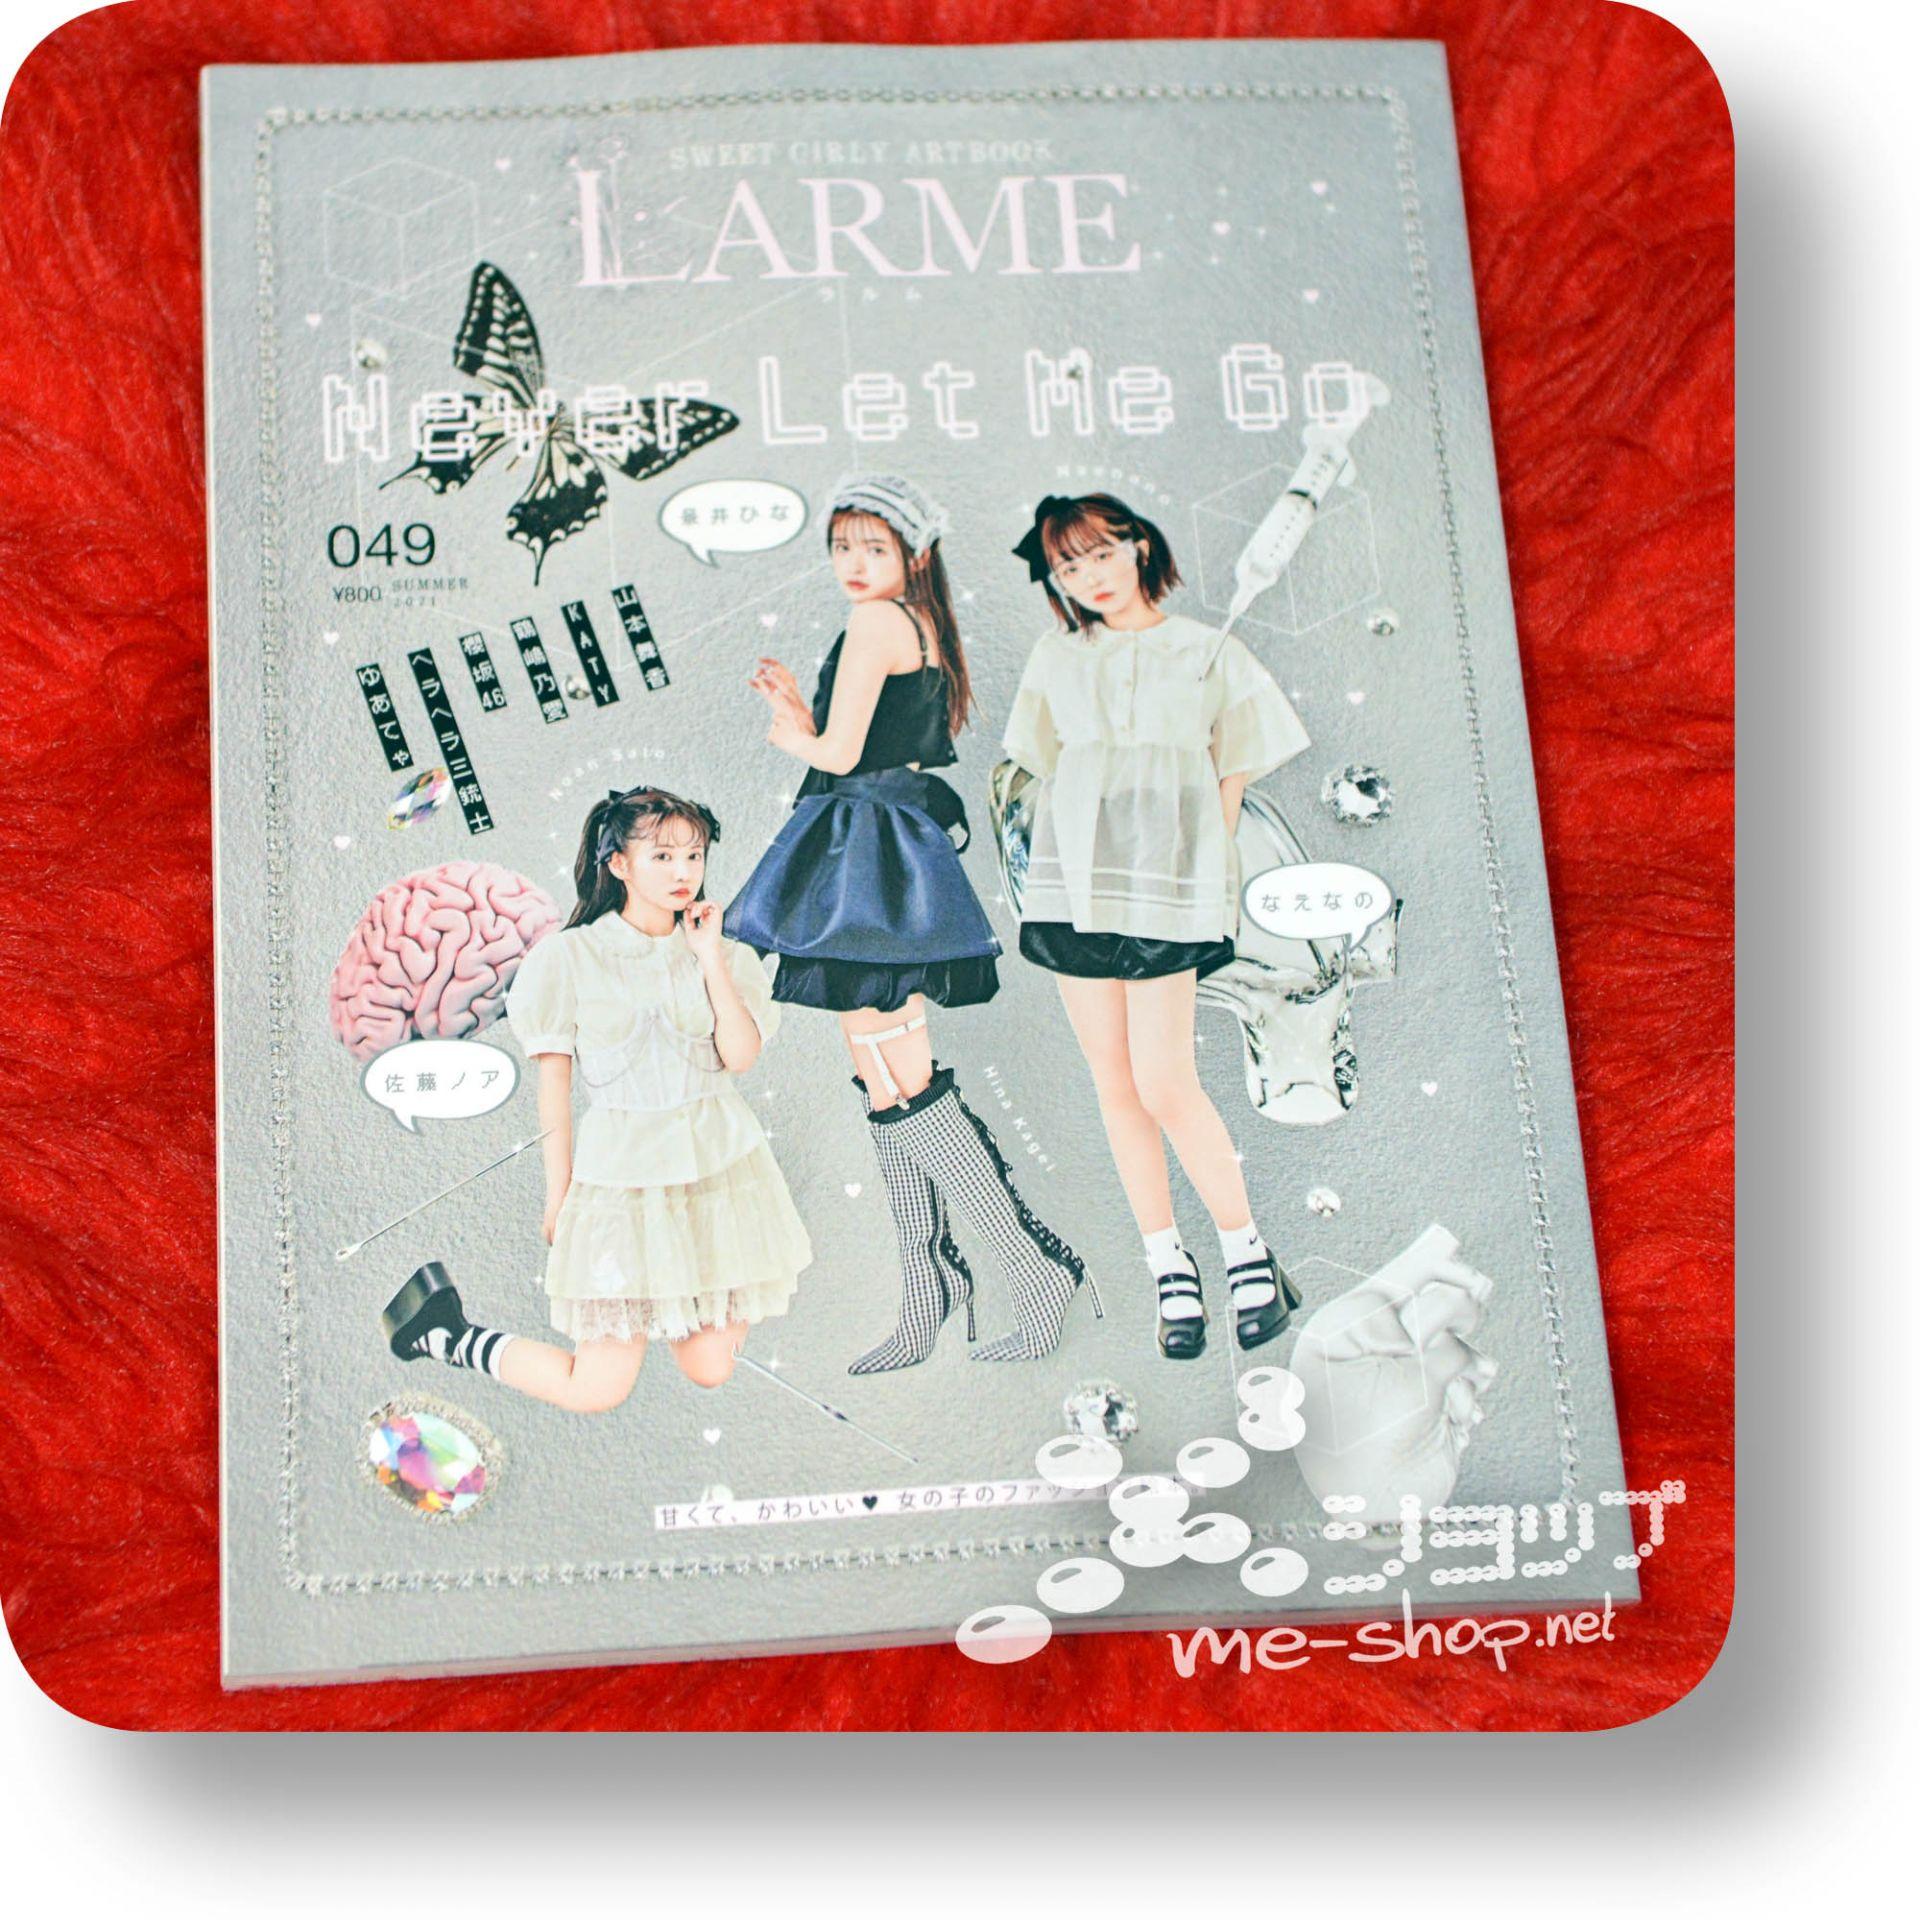 larme 049